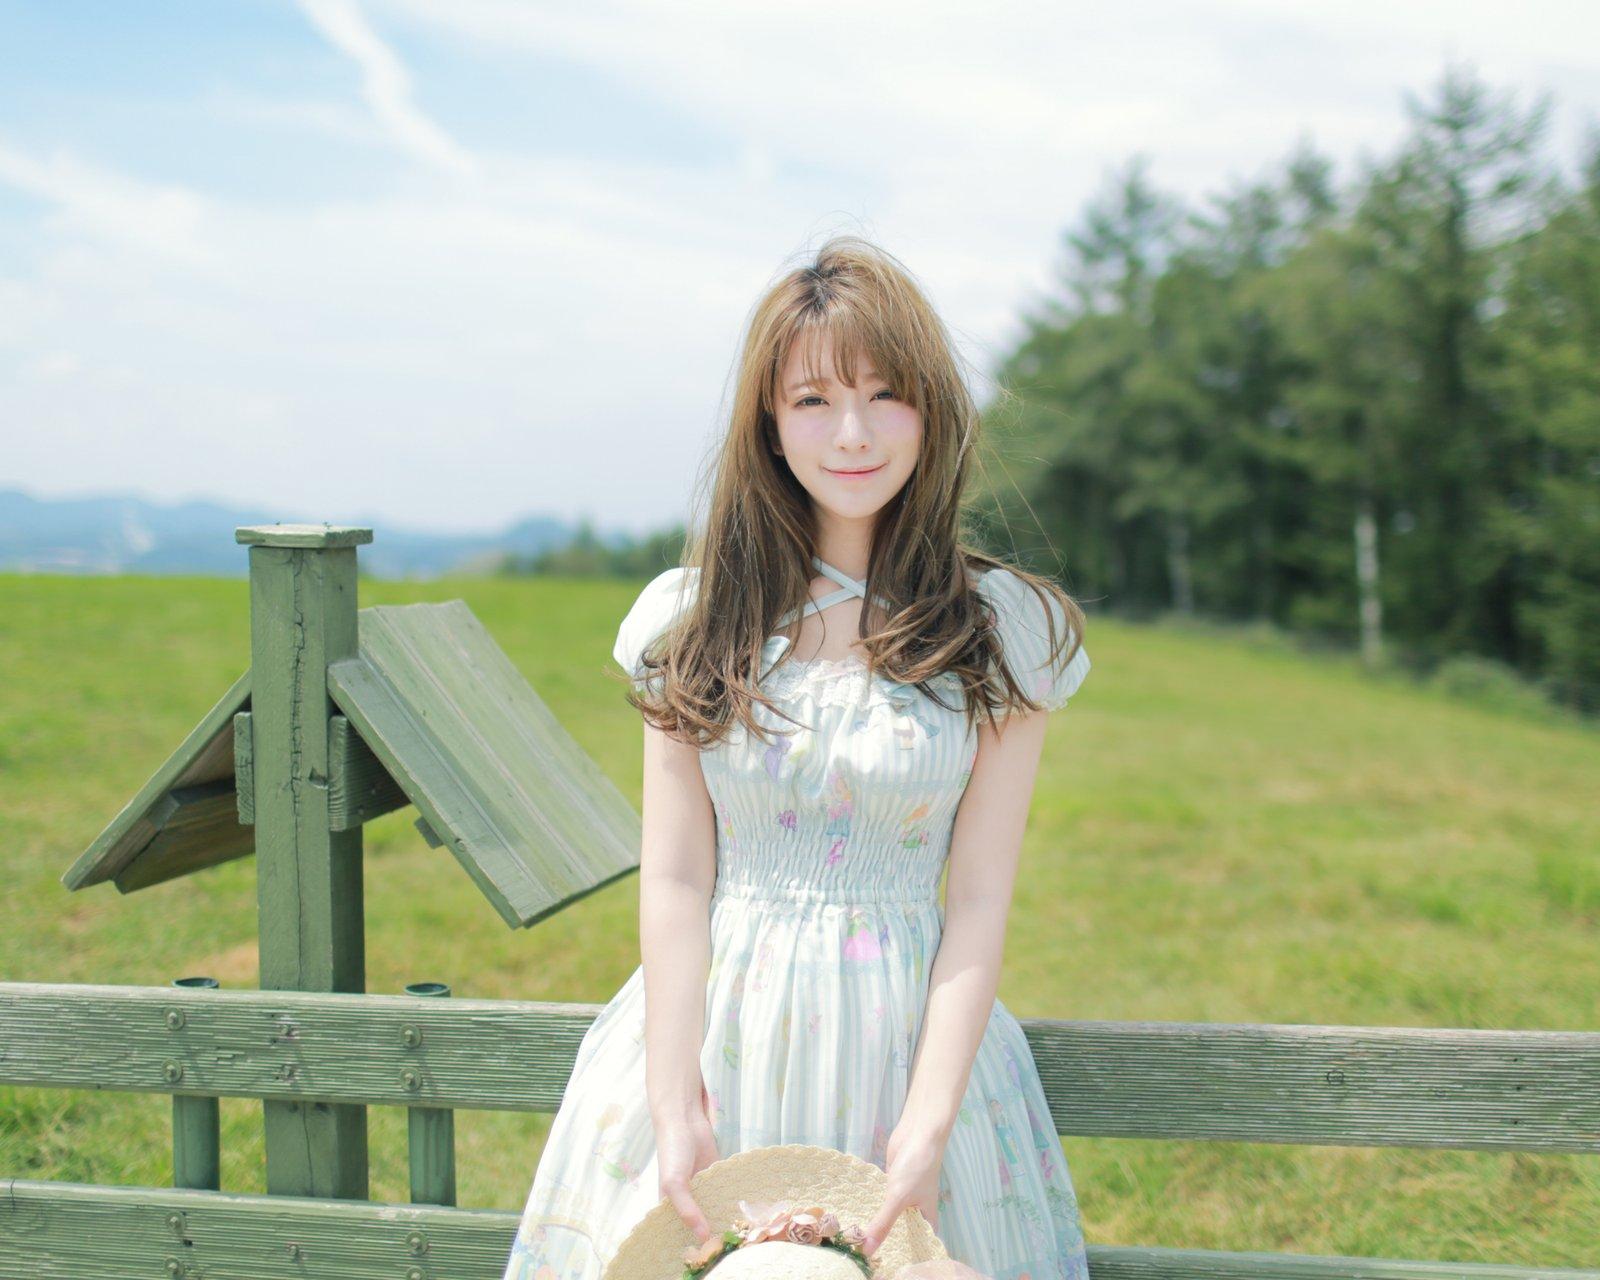 Yurisa Model Korean Smile Asian 1600x1280